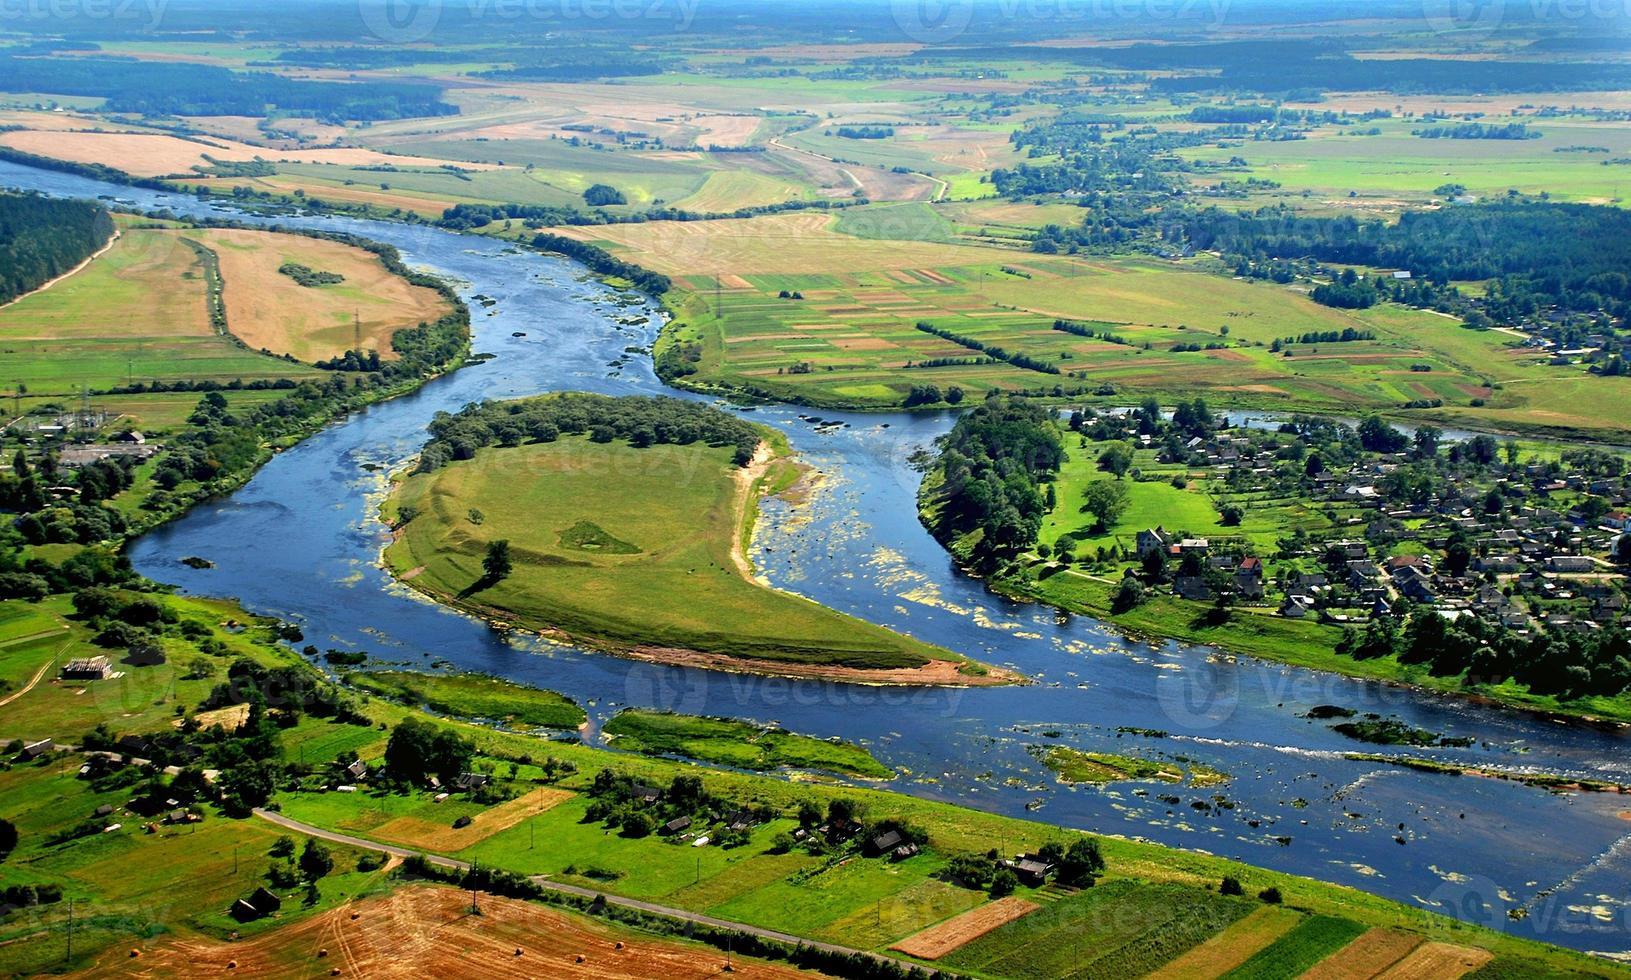 fotografia aerea - il fiume foto